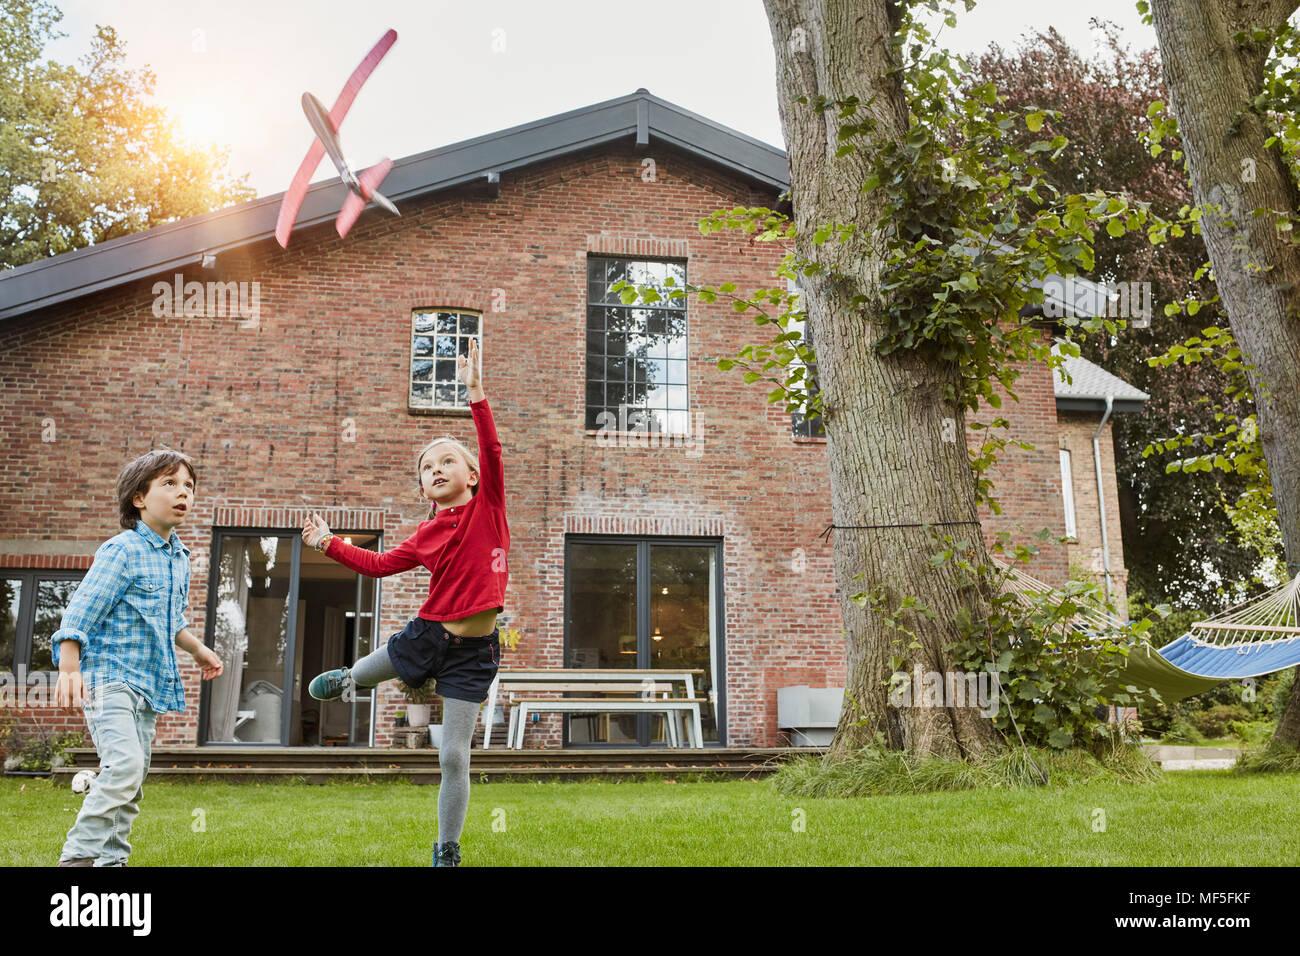 Zwei Kinder spielen mit Spielzeug Flugzeug im Garten ihres Hauses Stockbild